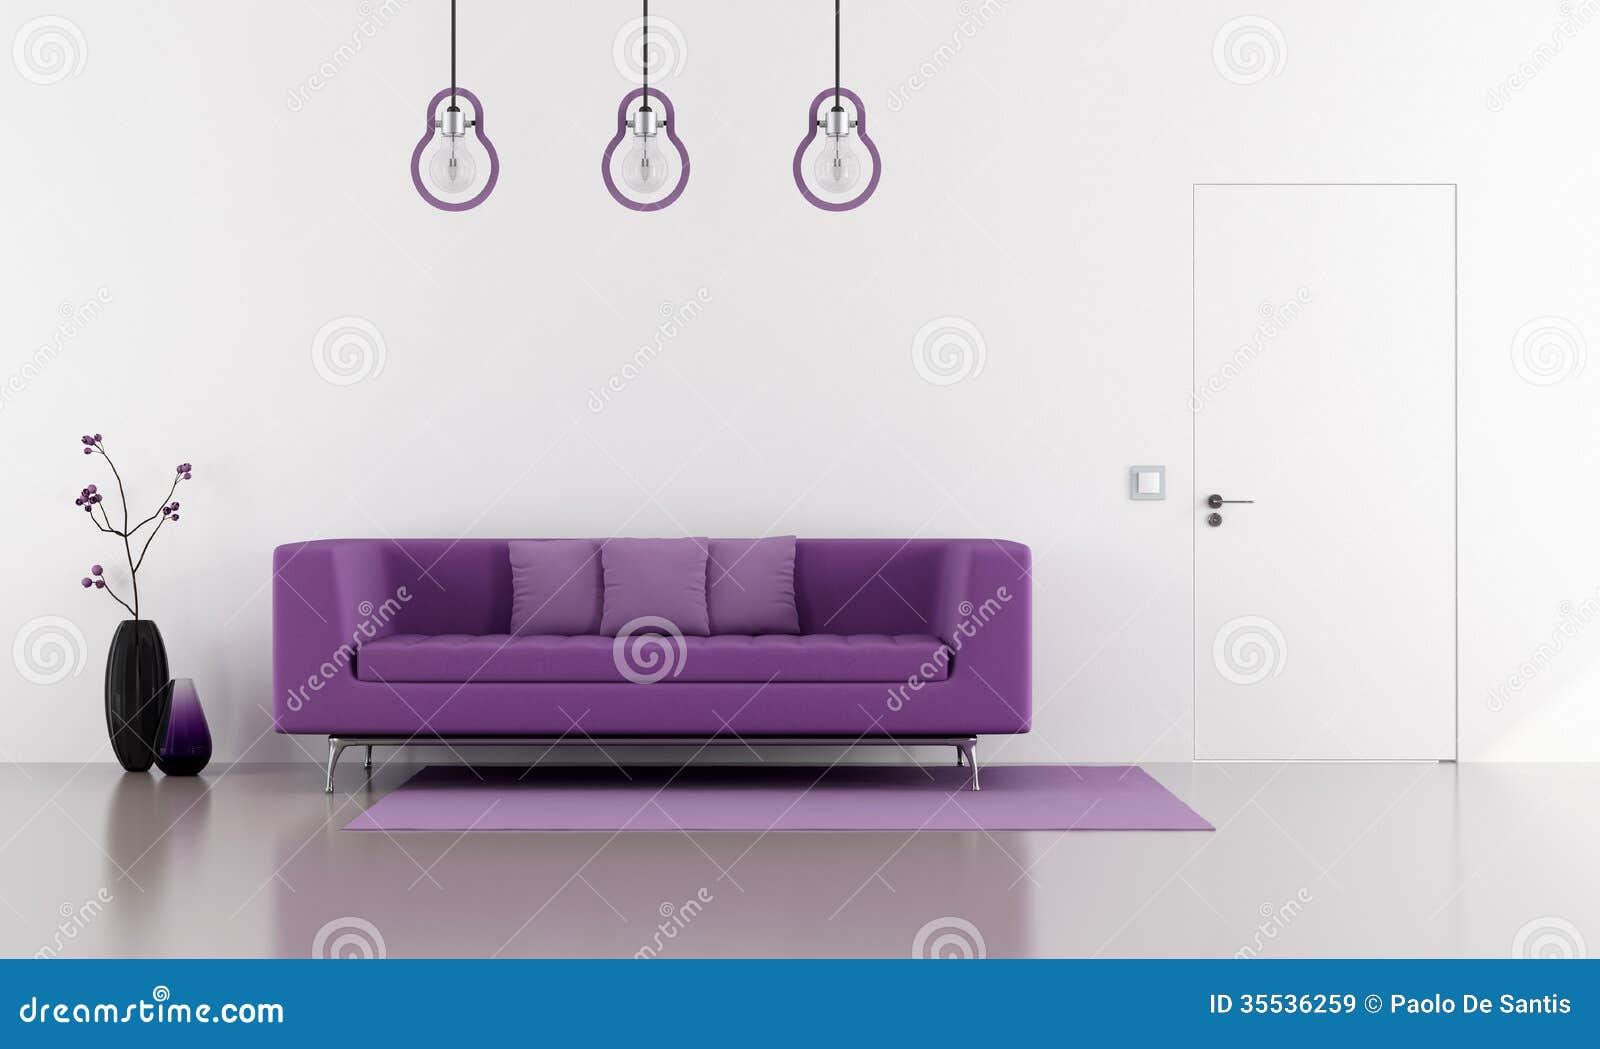 Sala De Estar Sofa Roxo ~ Imagens de Stock Royalty Free Sofá roxo em uma sala de estar branca